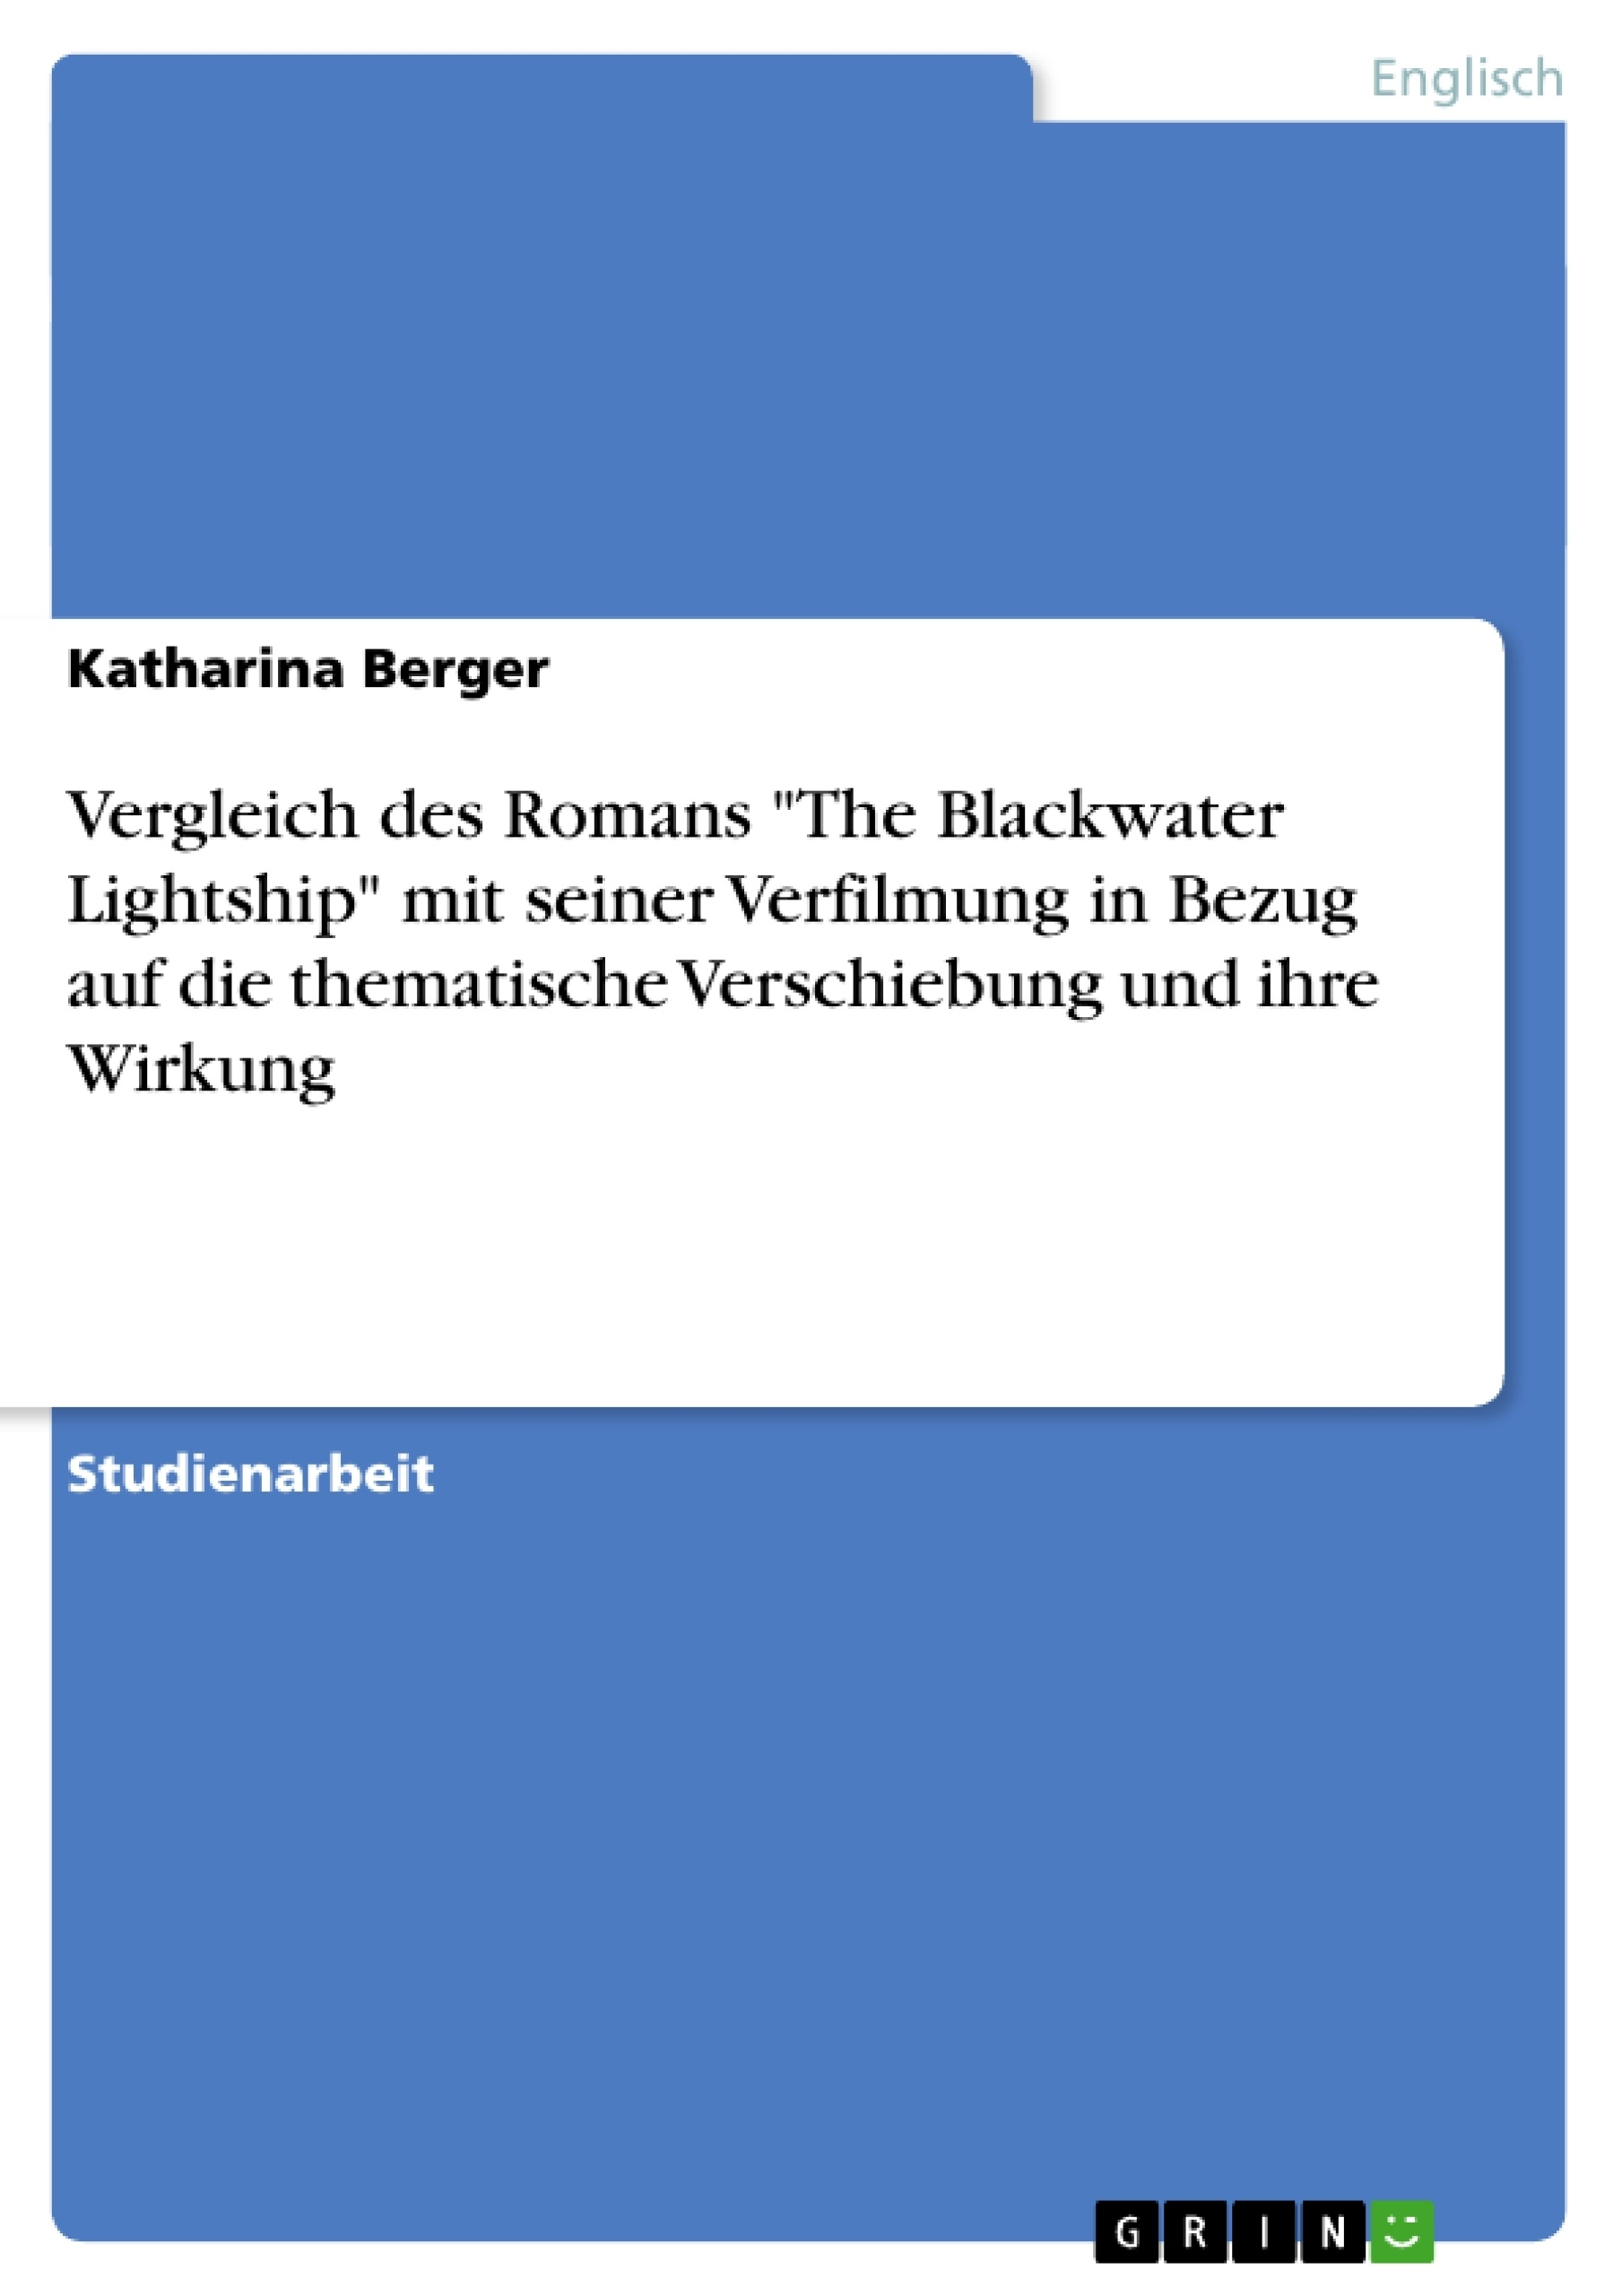 """Titel: Vergleich des Romans """"The Blackwater Lightship"""" mit seiner Verfilmung in Bezug auf die thematische Verschiebung und ihre Wirkung"""